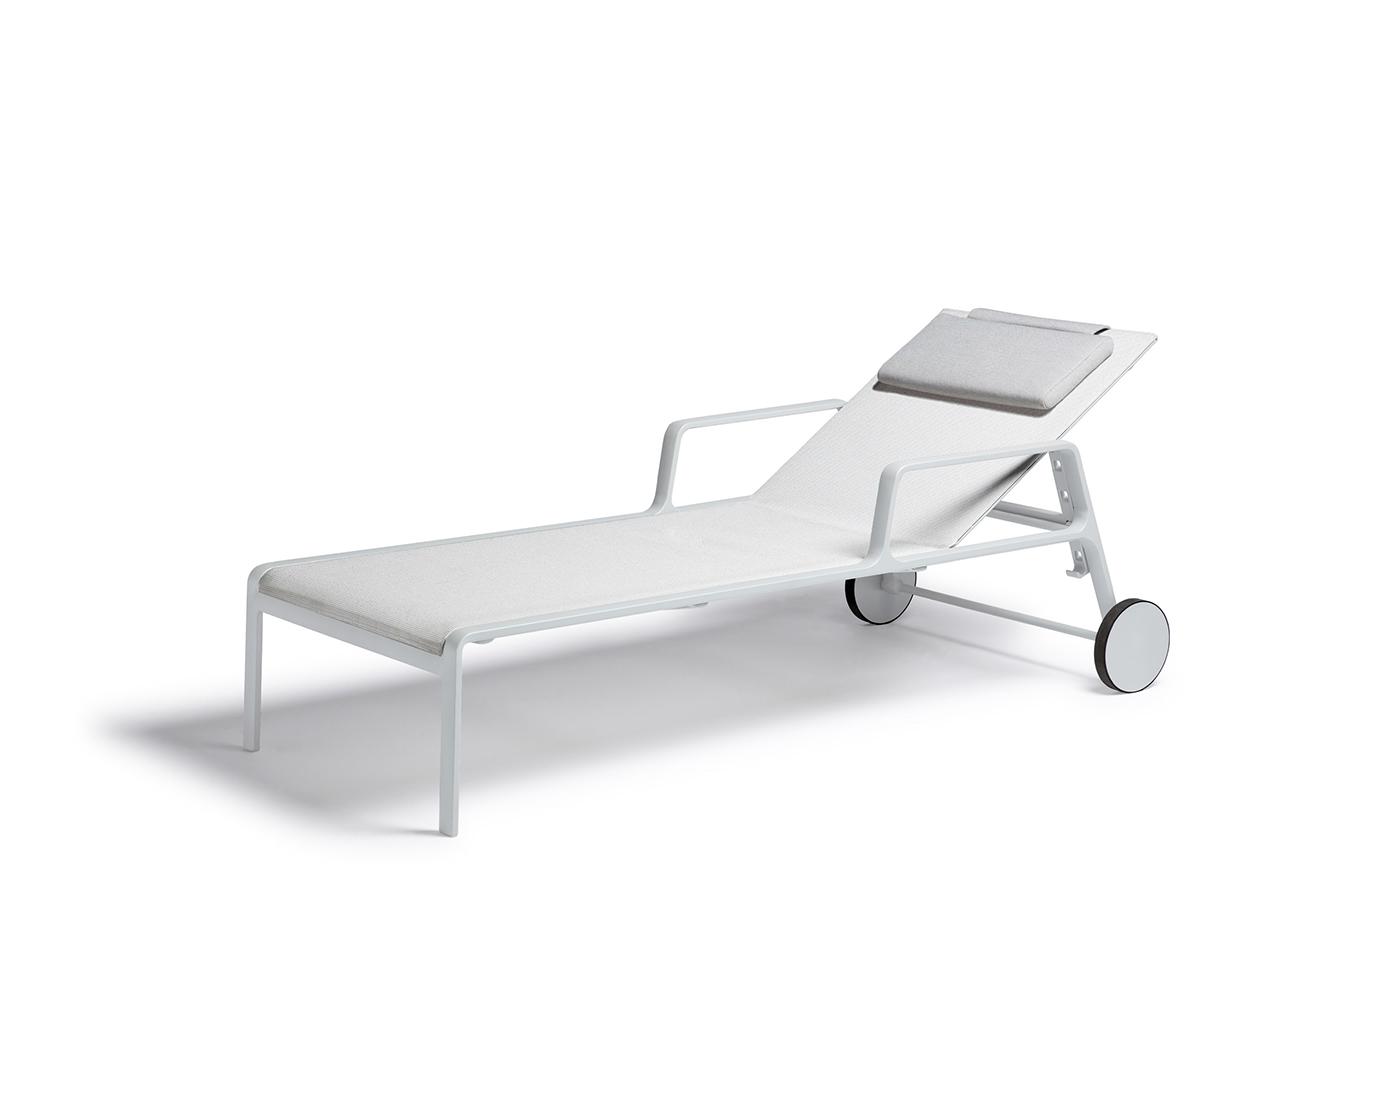 Chaise longue KETTAL PARK LIFE